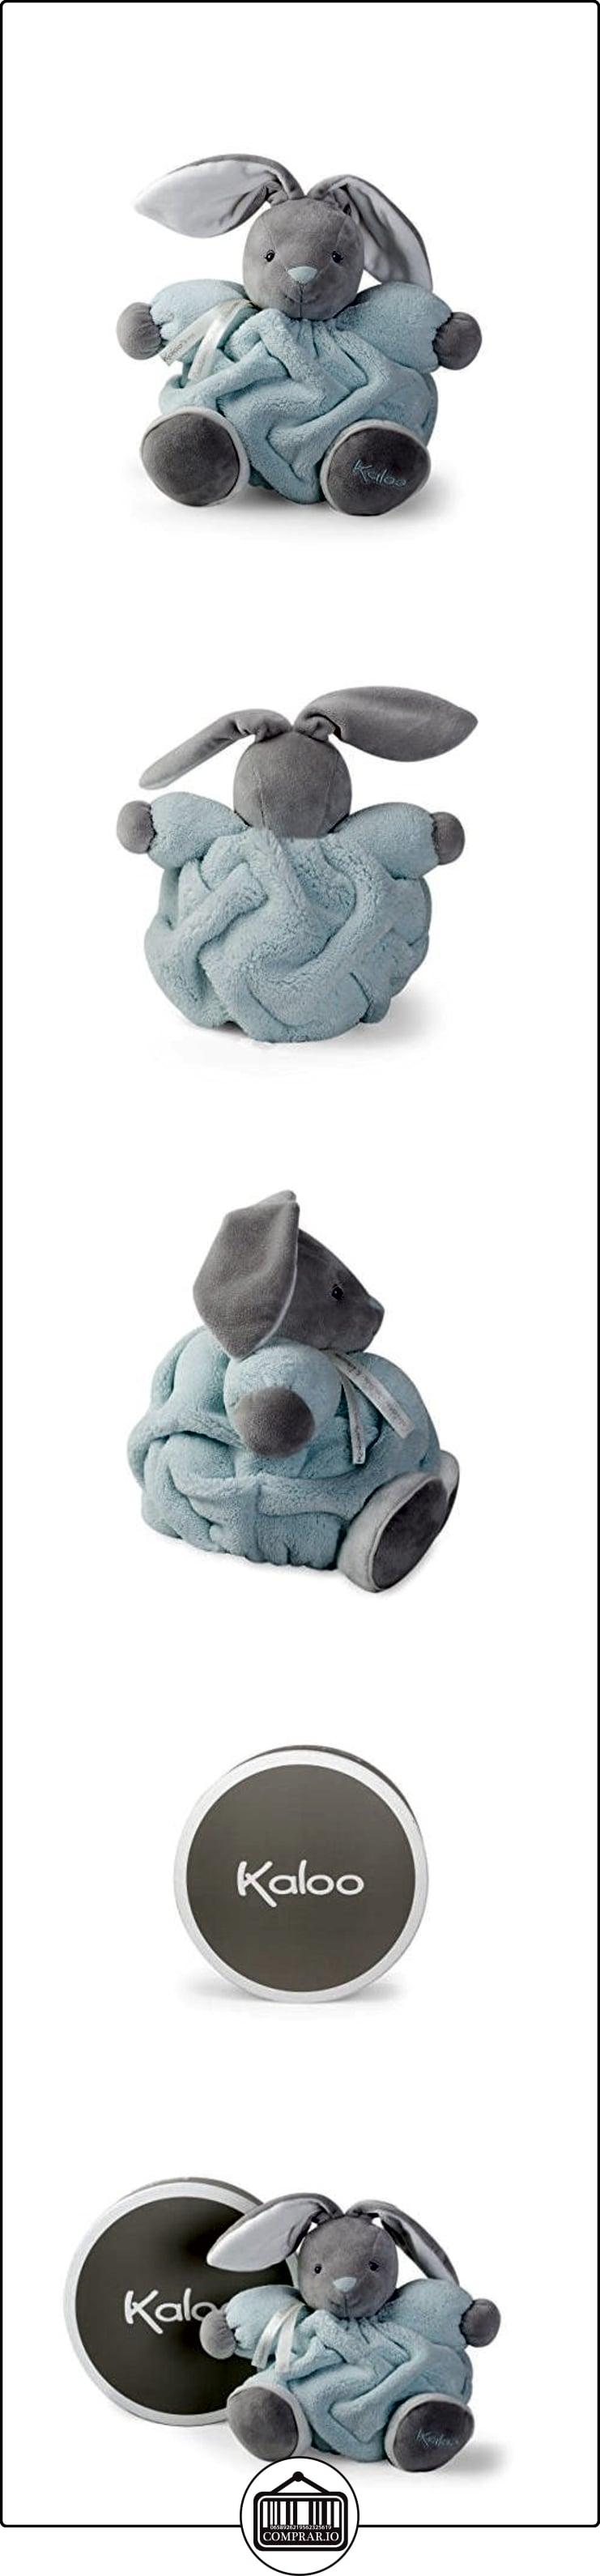 Kaloo pluma peluche de conejo Aqua 25cm  ✿ Regalos para recién nacidos - Bebes ✿ ▬► Ver oferta: http://comprar.io/goto/B01NBY2O57